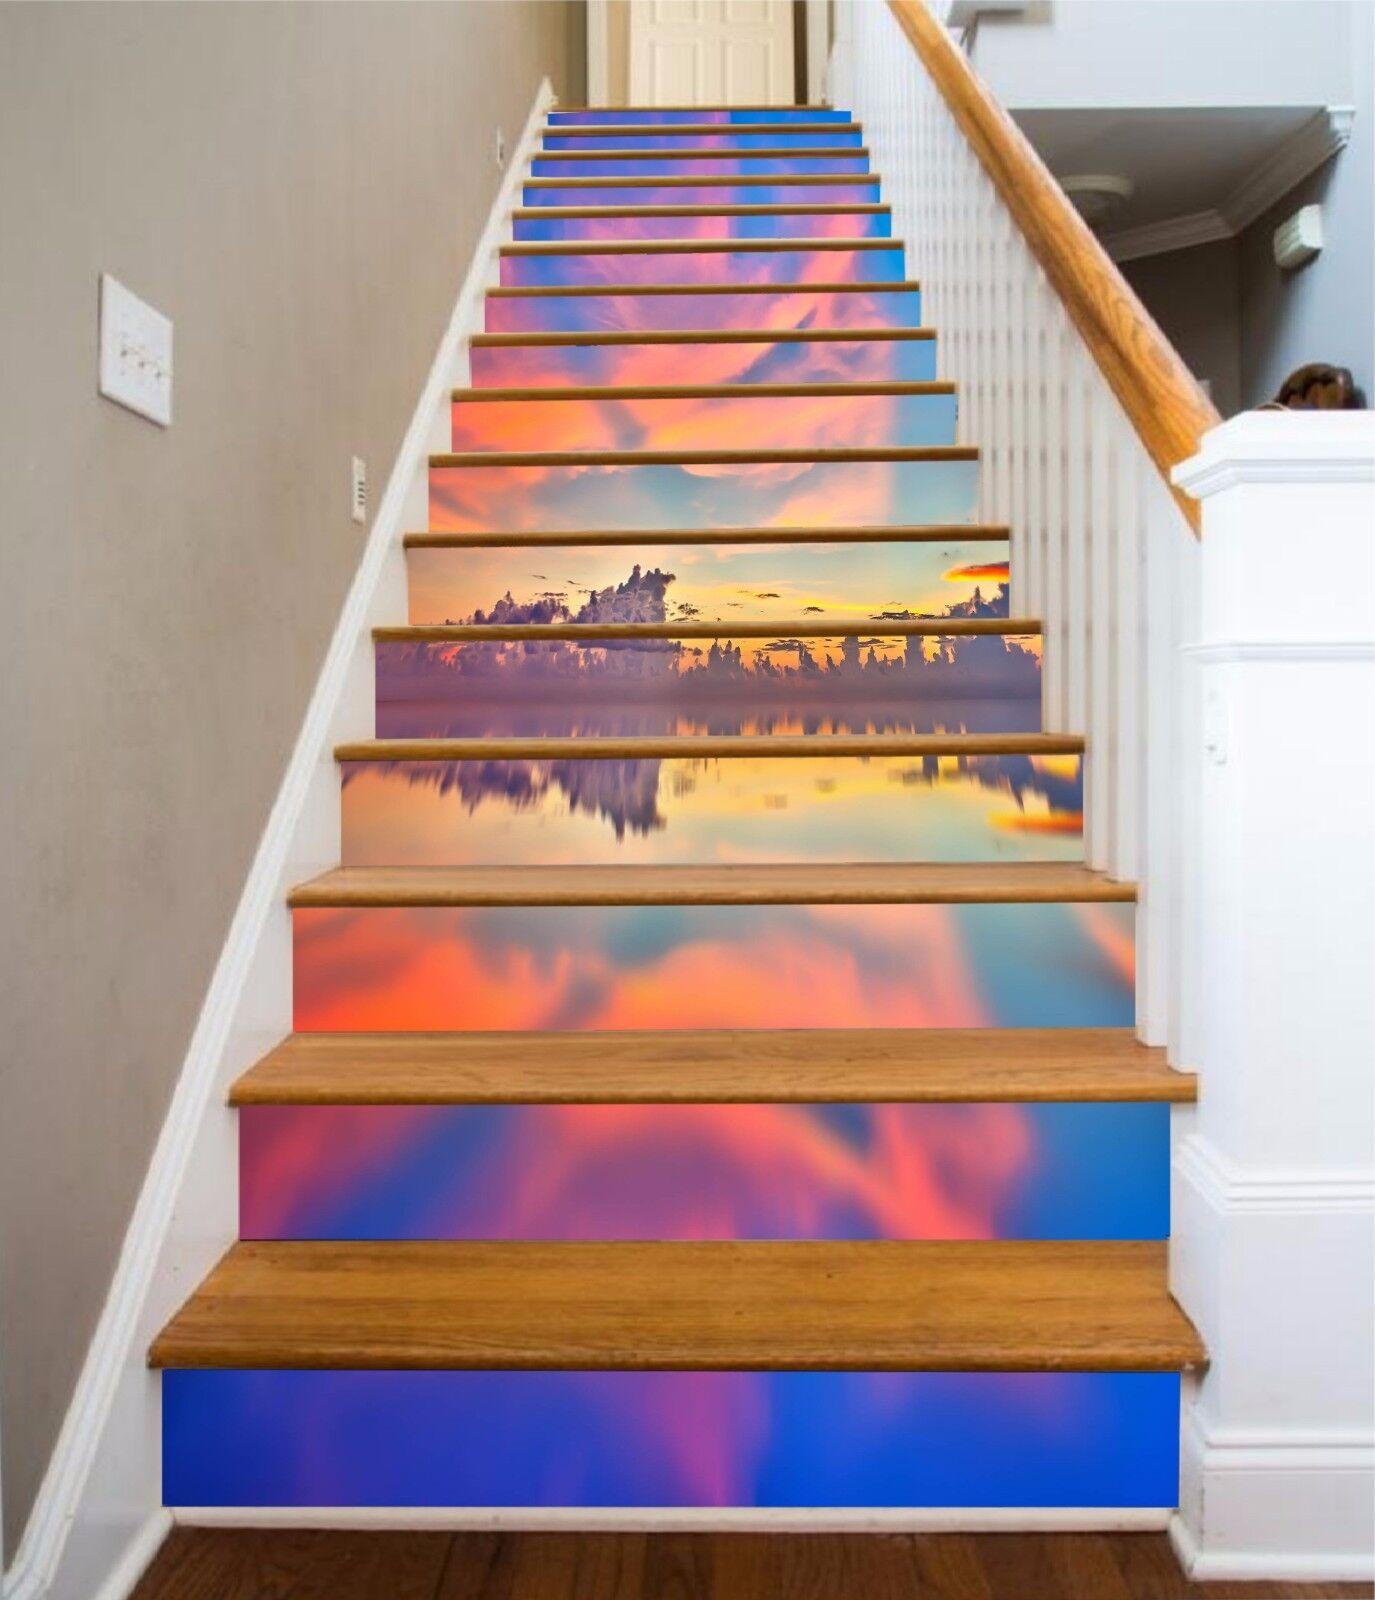 3D Pretty Sea 8246 Stair Risers Decoration Photo Mural Vinyl Decal Wallpaper AU